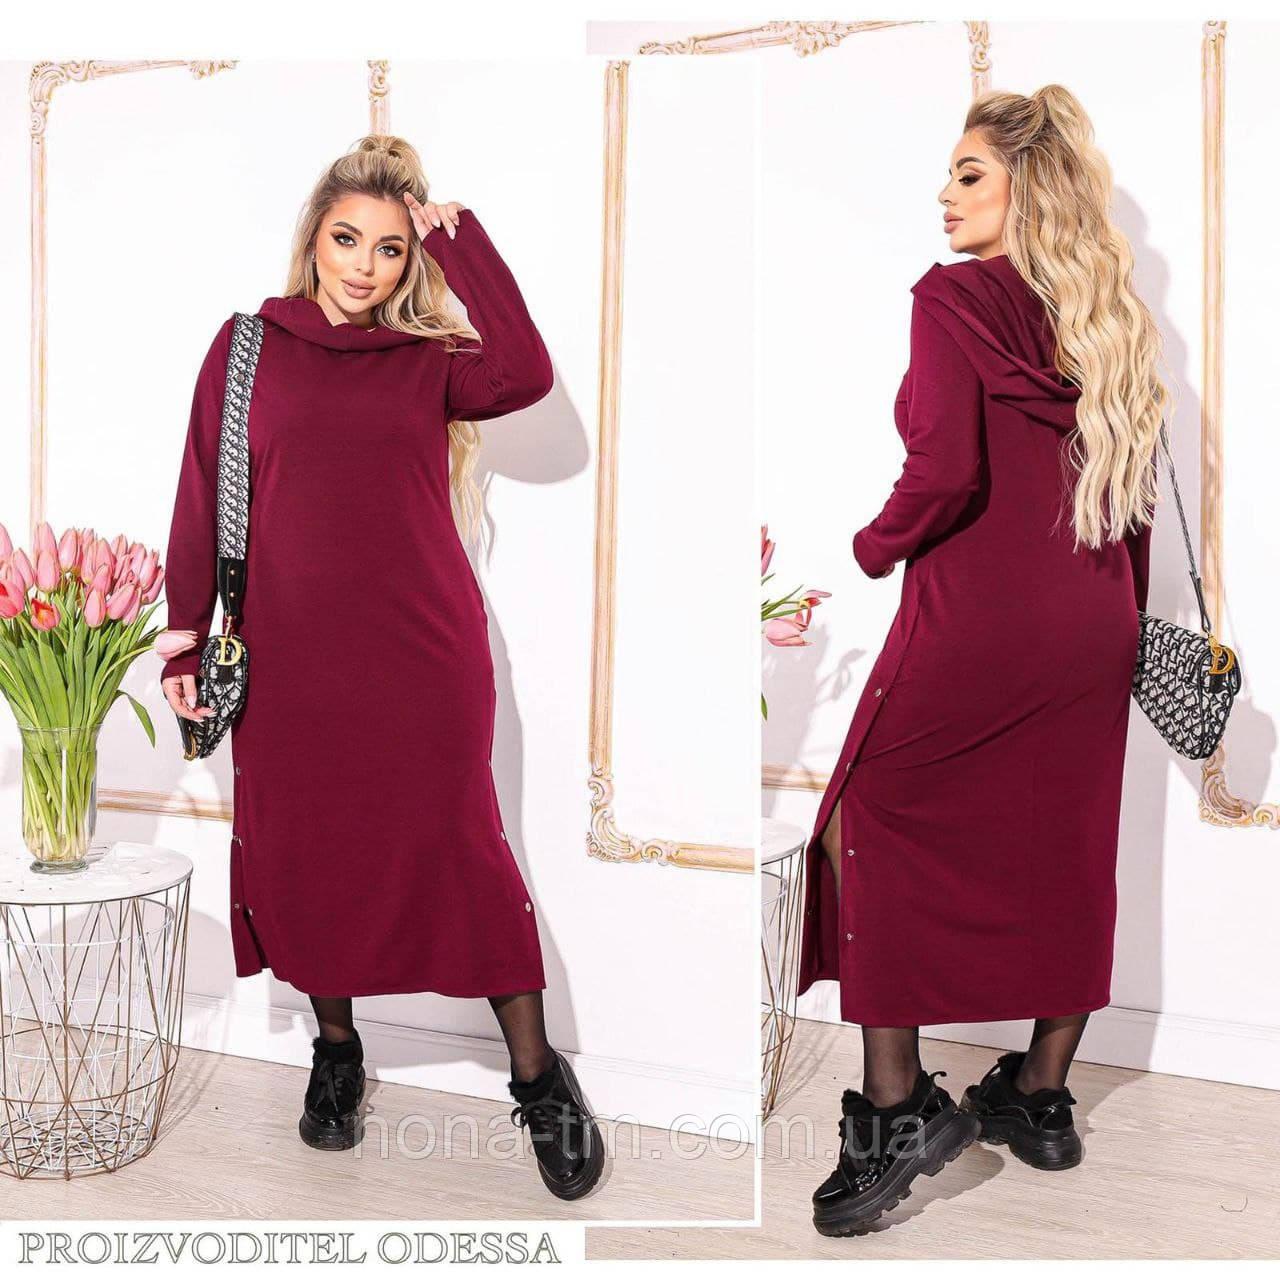 Повседневное платье женское длинное